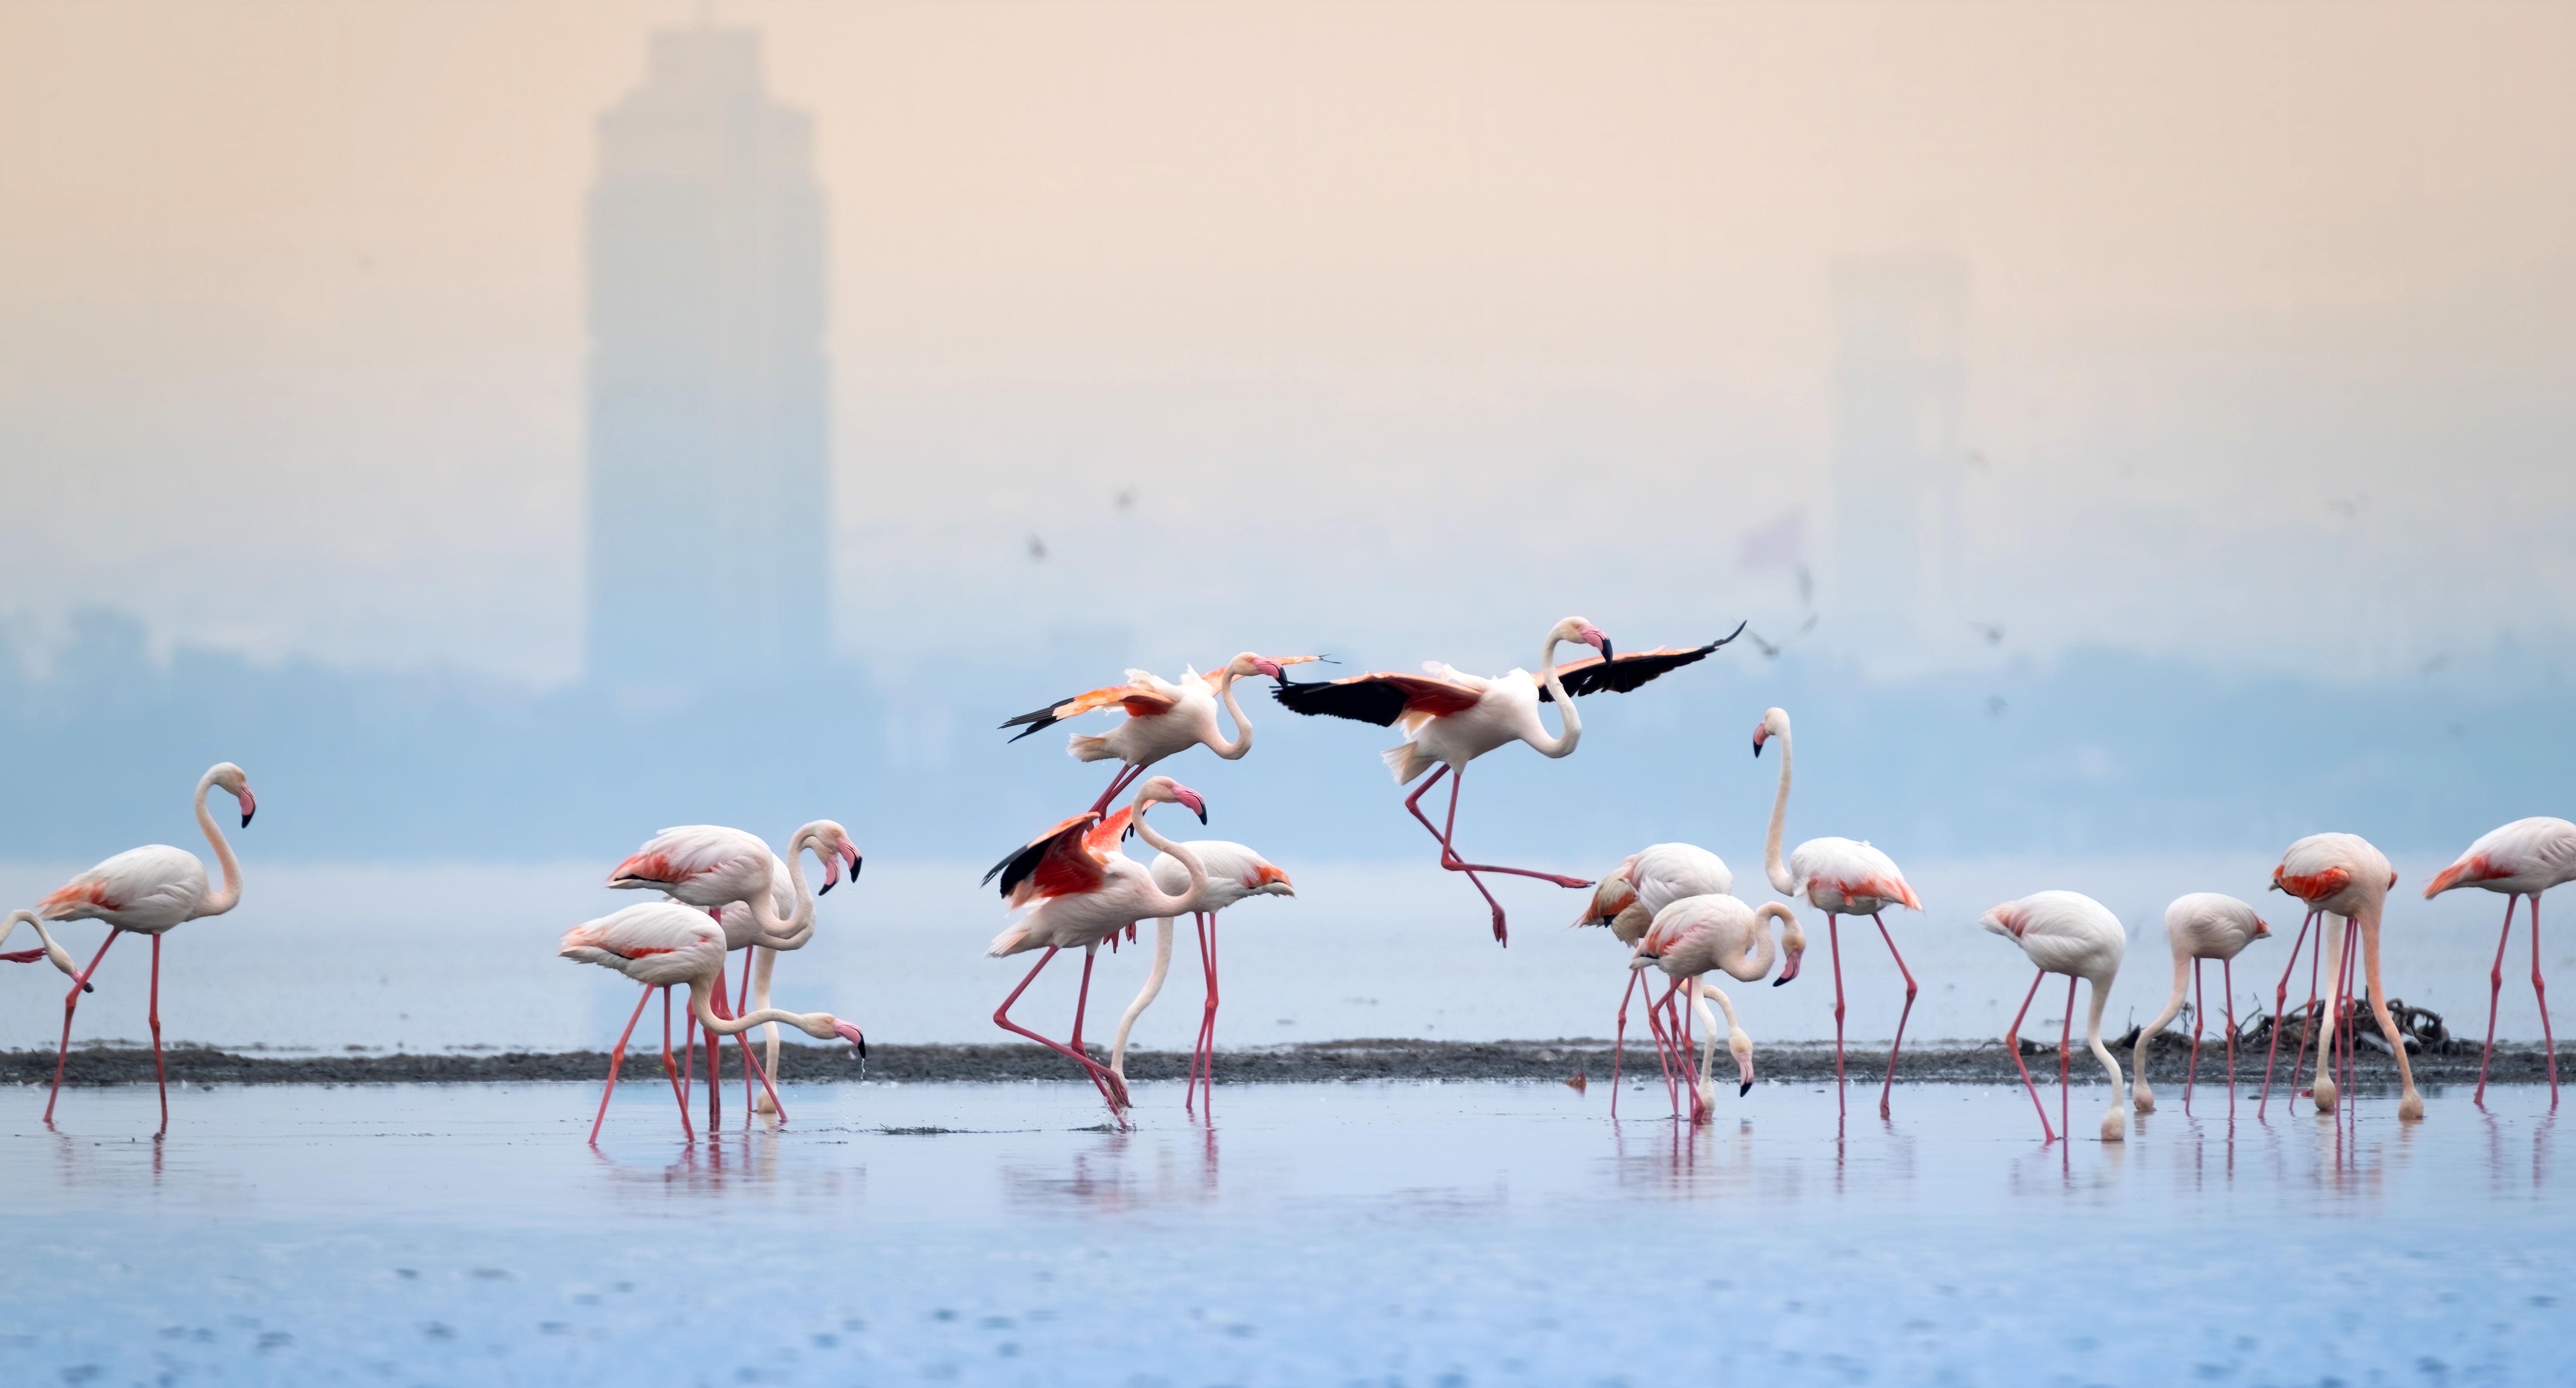 dronlar-flamingolari-strese-sokuyor-9117-dhaphoto2.jpg